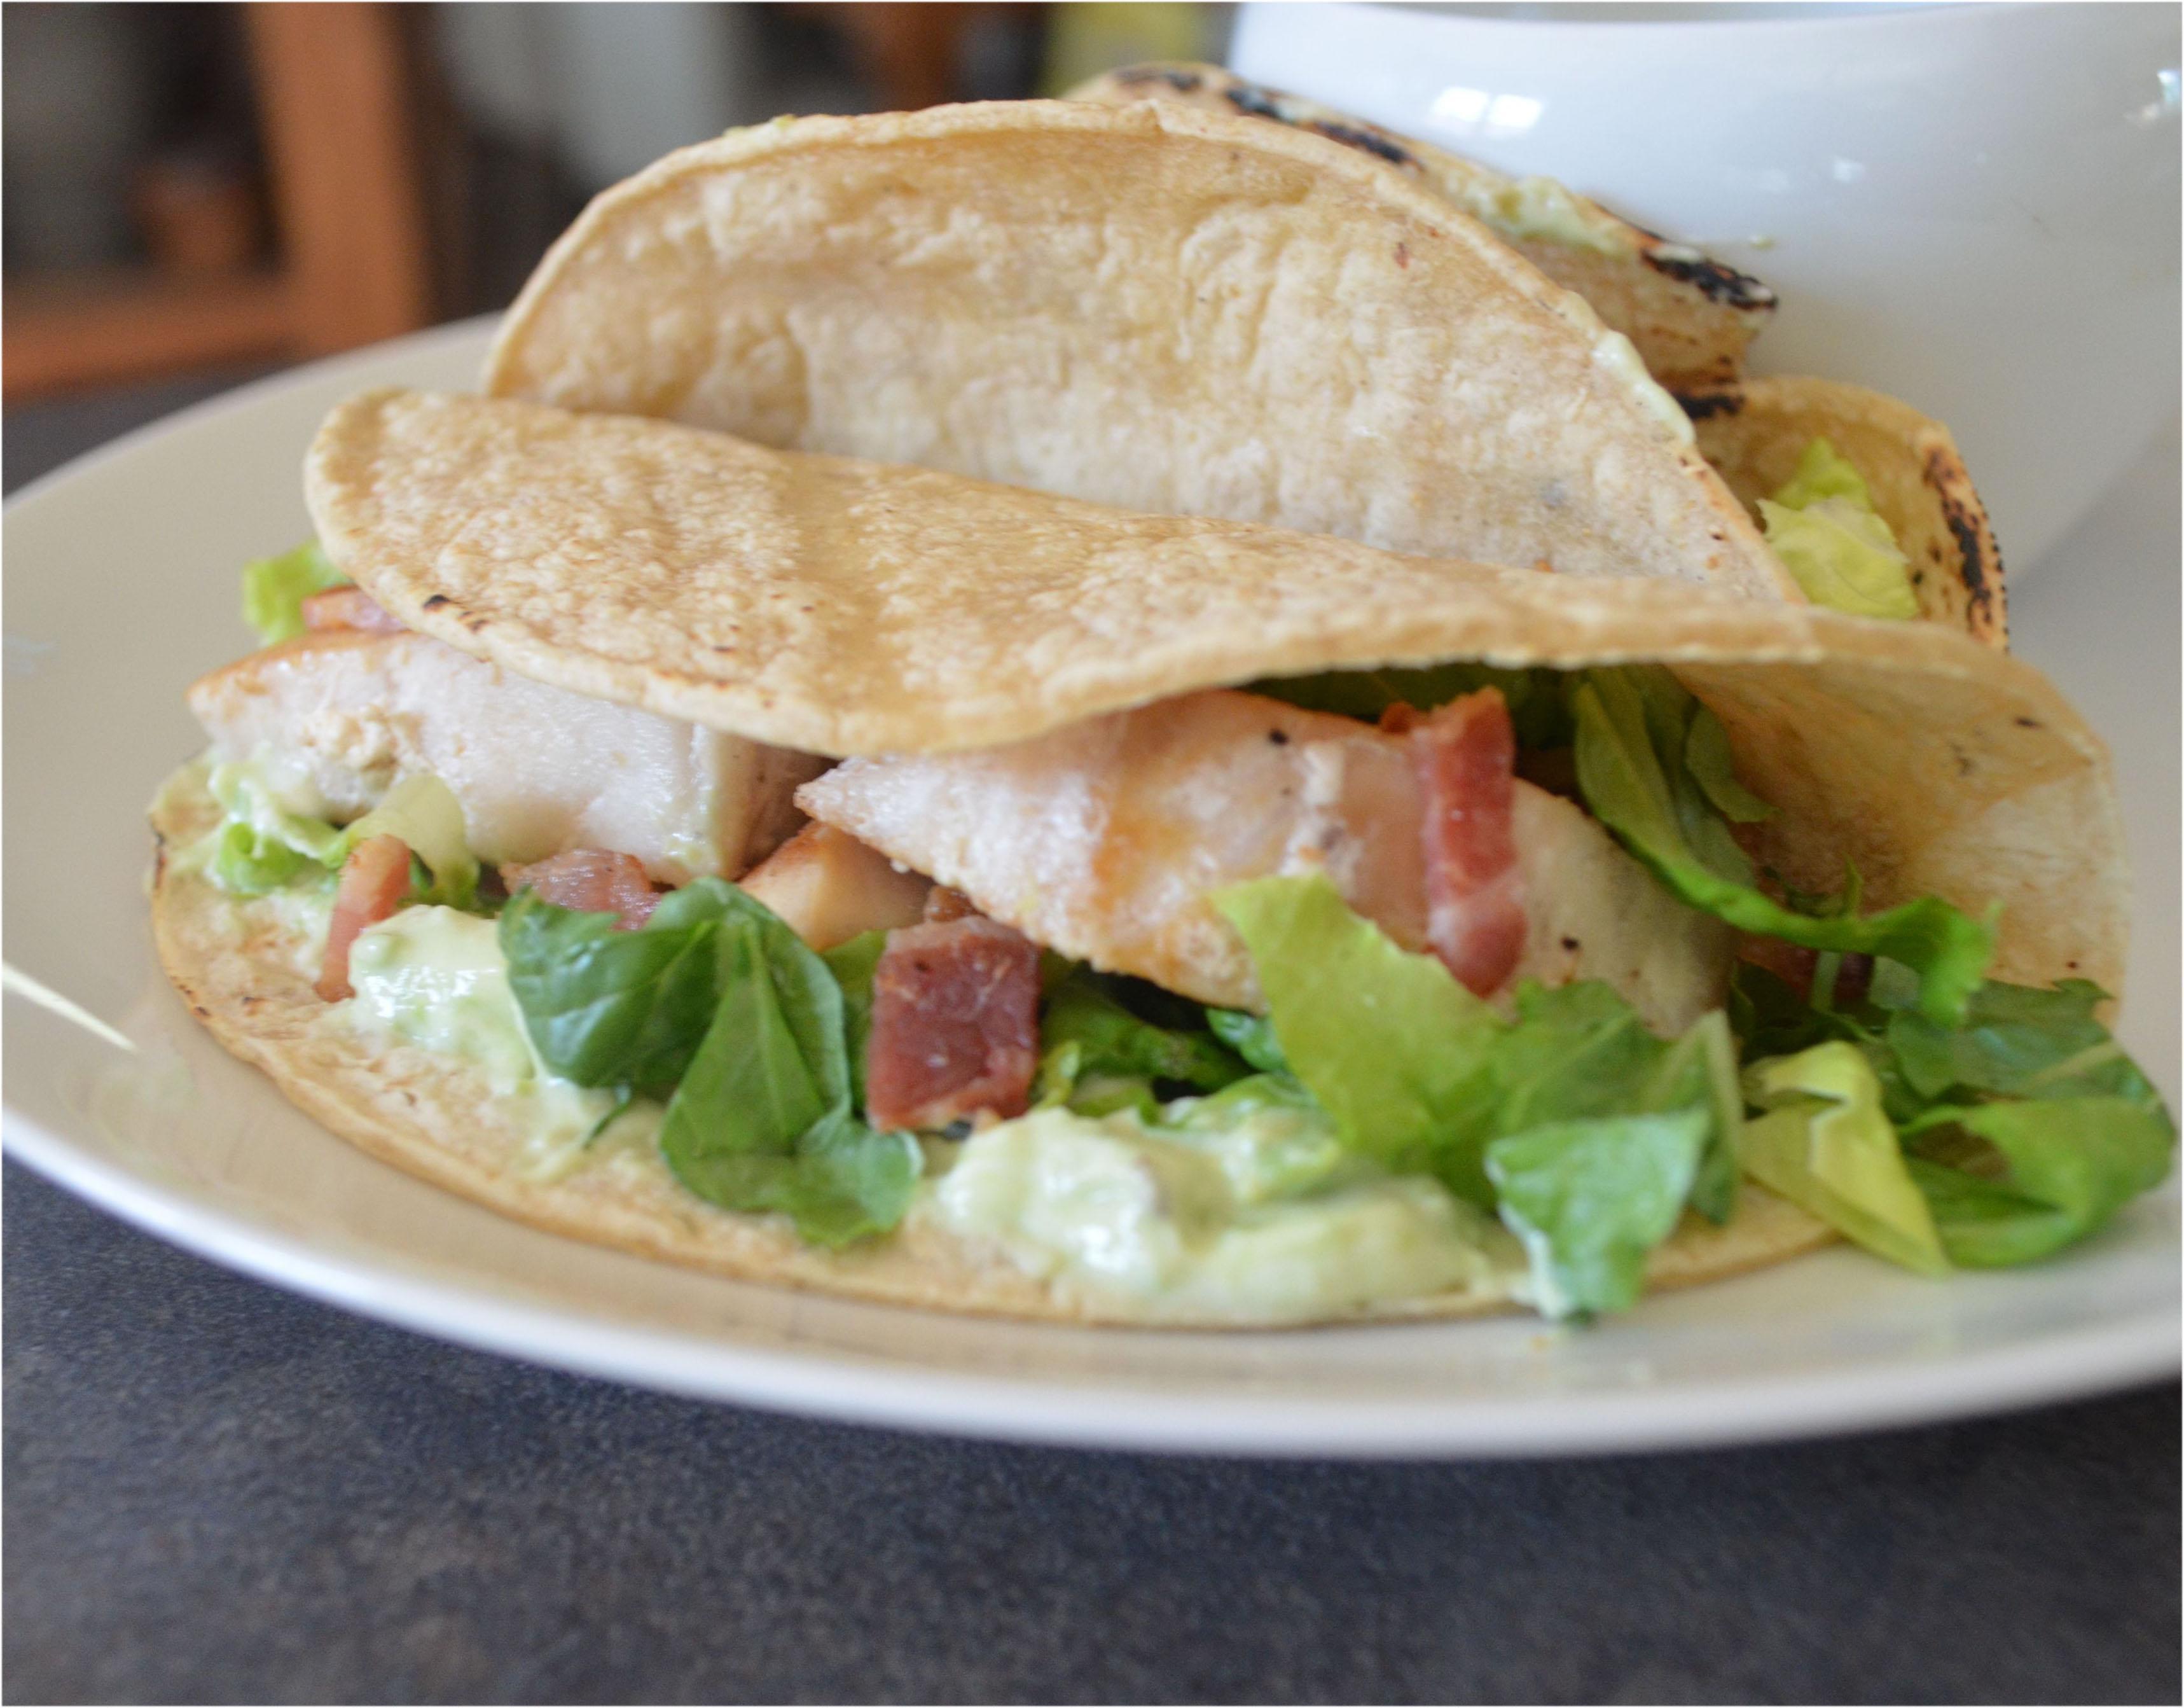 Bacon baja fish tacos with avocado cream for Baja fish tacos